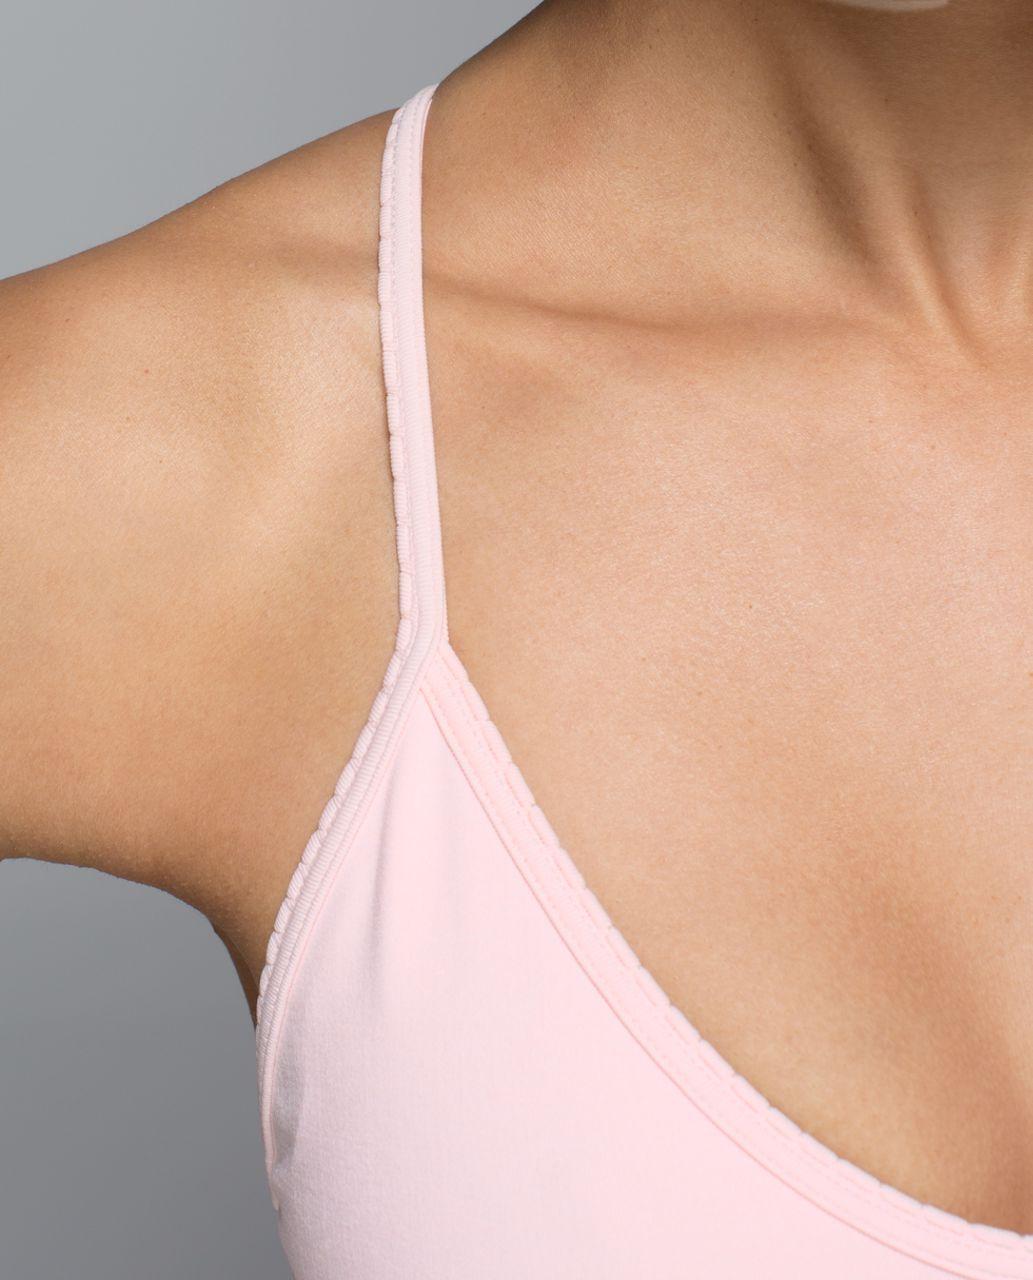 Lululemon Ebb To Street Bra - Heathered Parfait Pink